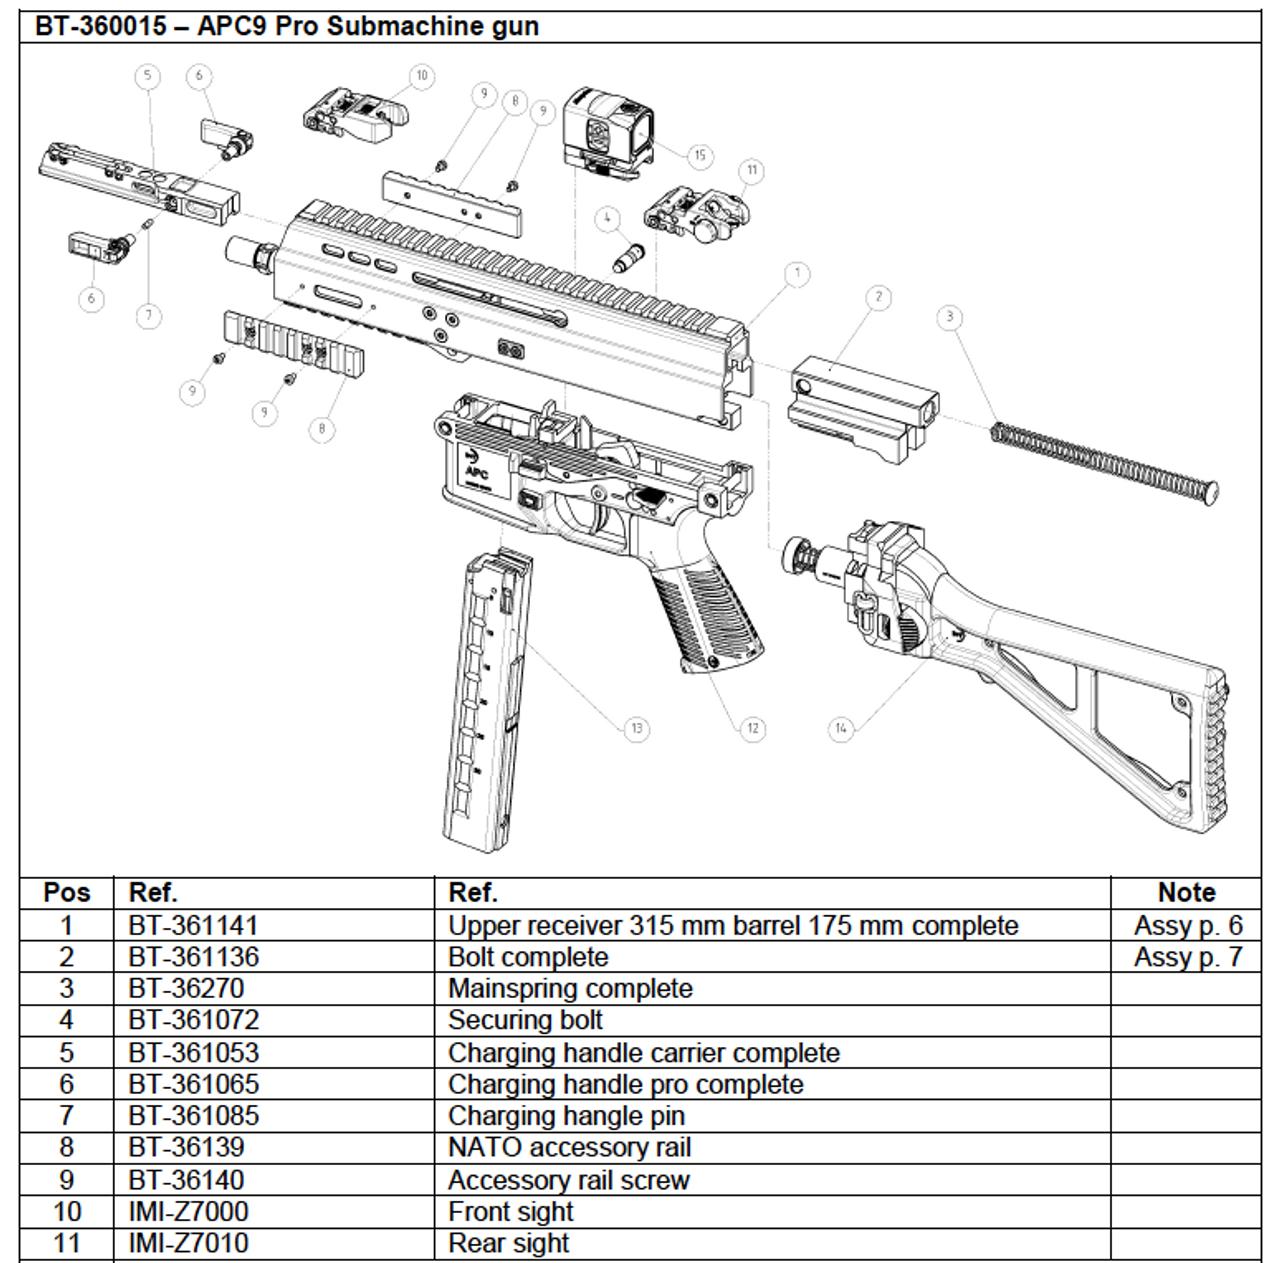 APC9 Pro Submachine gun